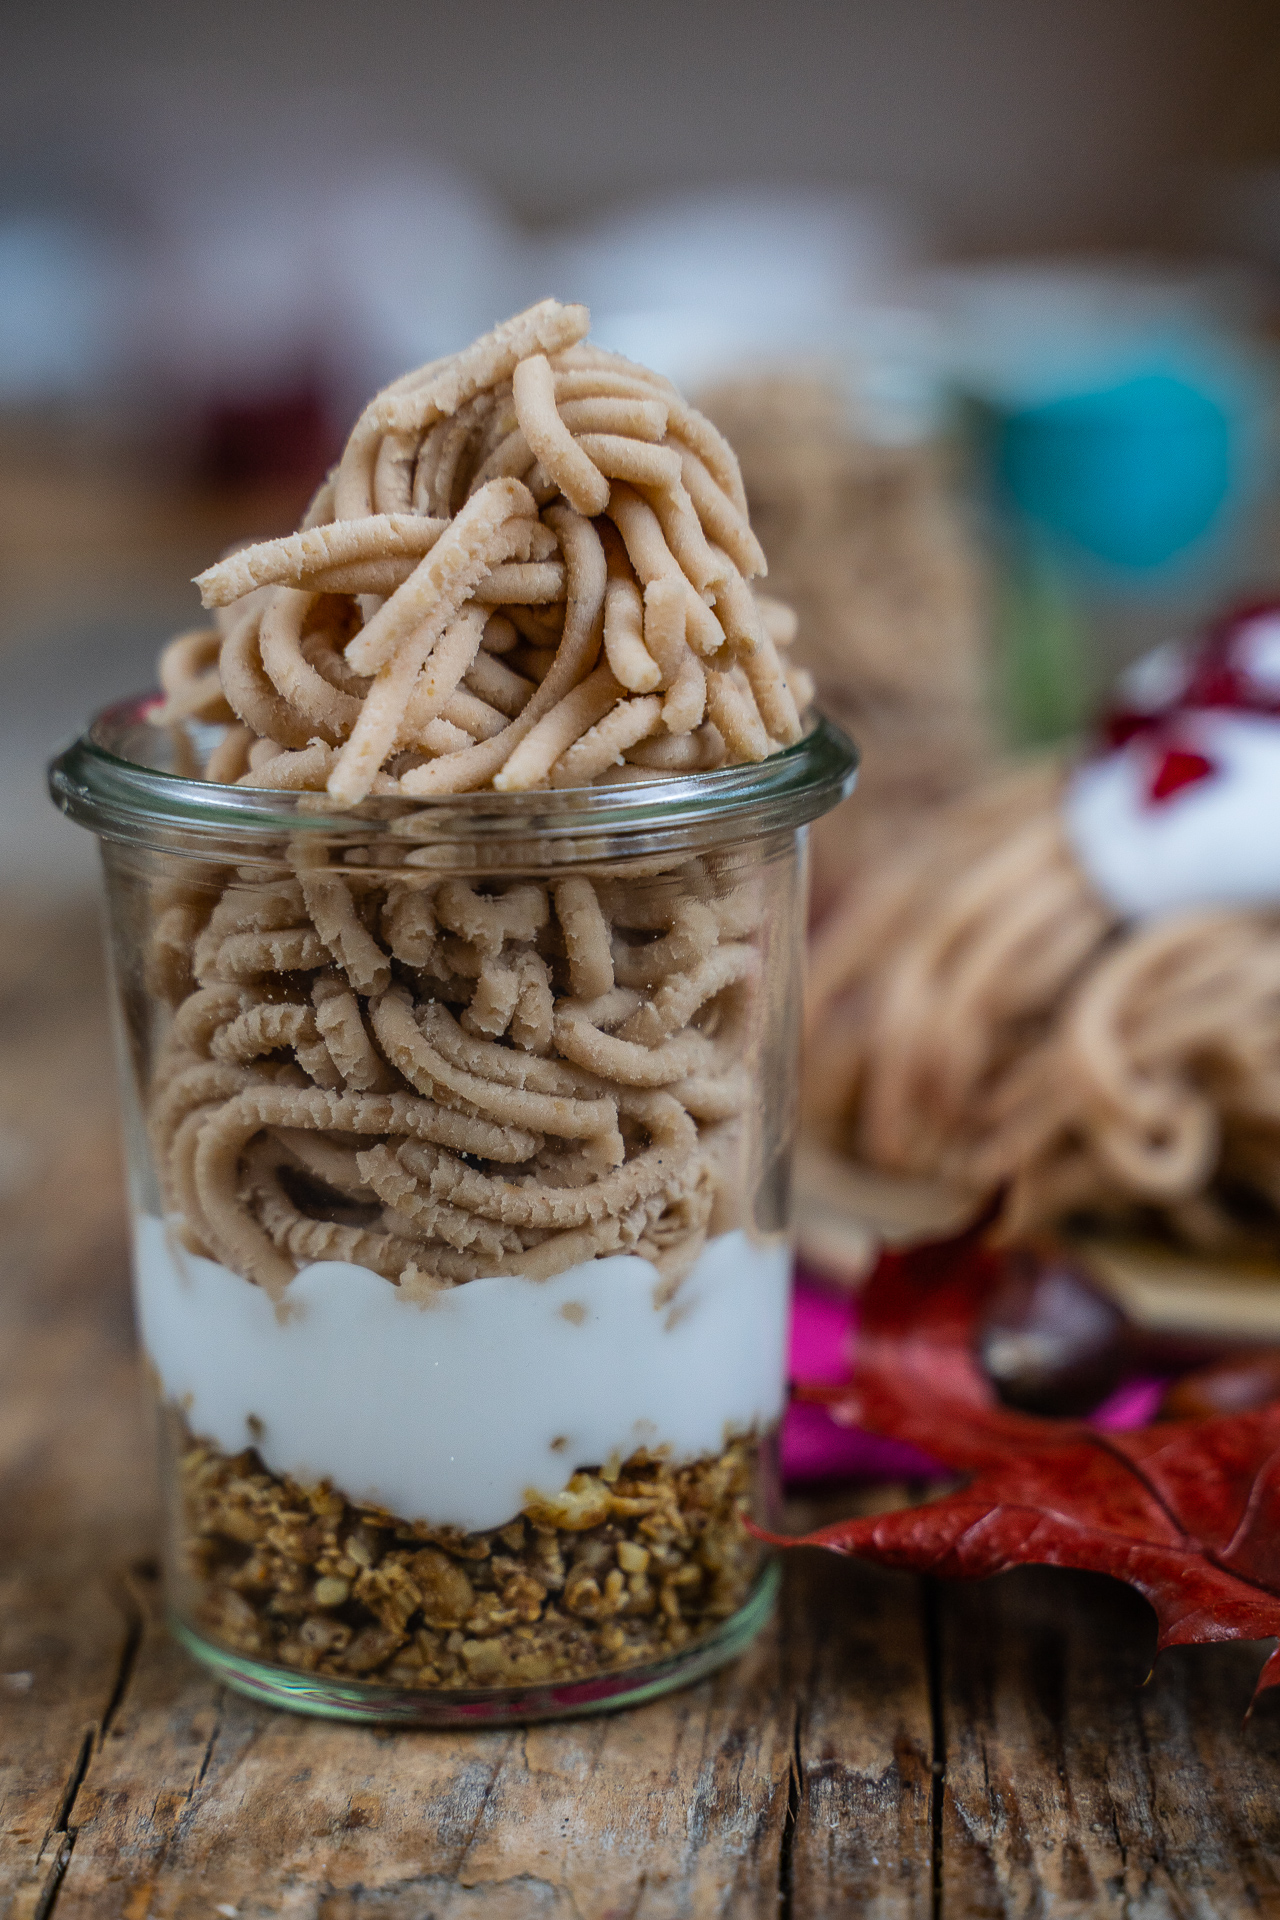 Marroni Püree - Selbst gemachtes Vermicelles vegan, ohne weissen Zucker